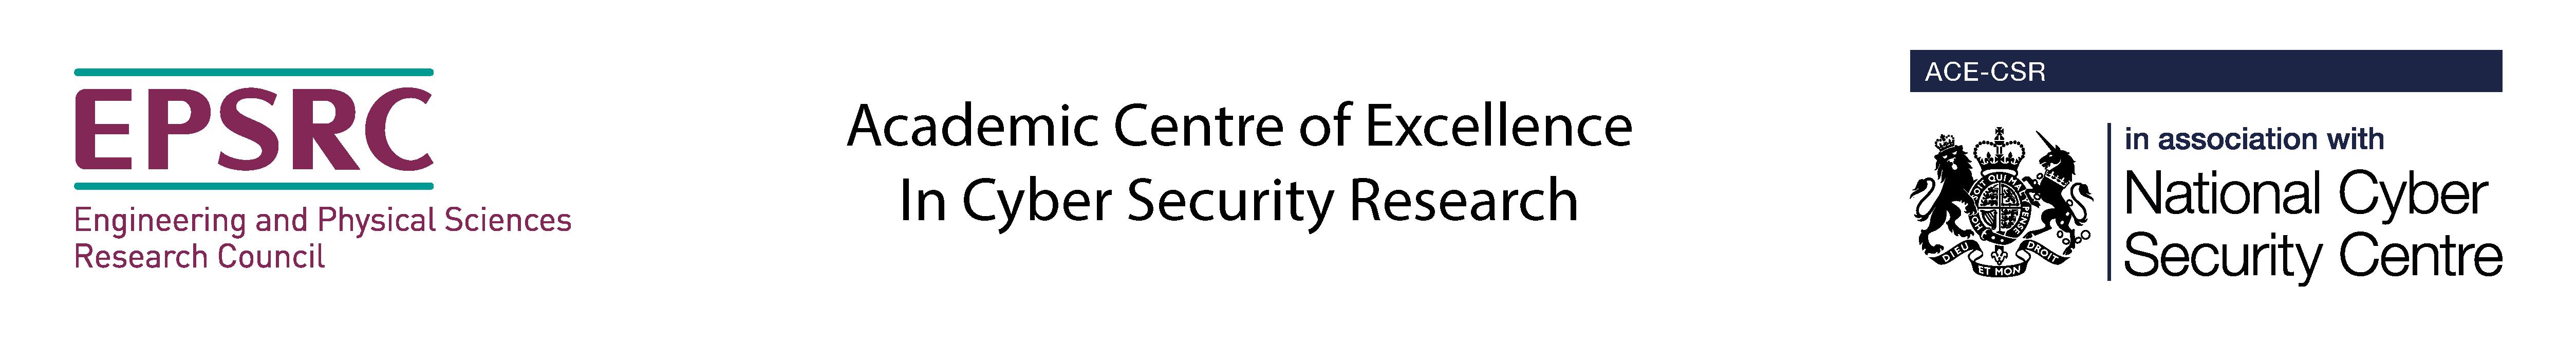 epsrc_ace_ncsc_logo